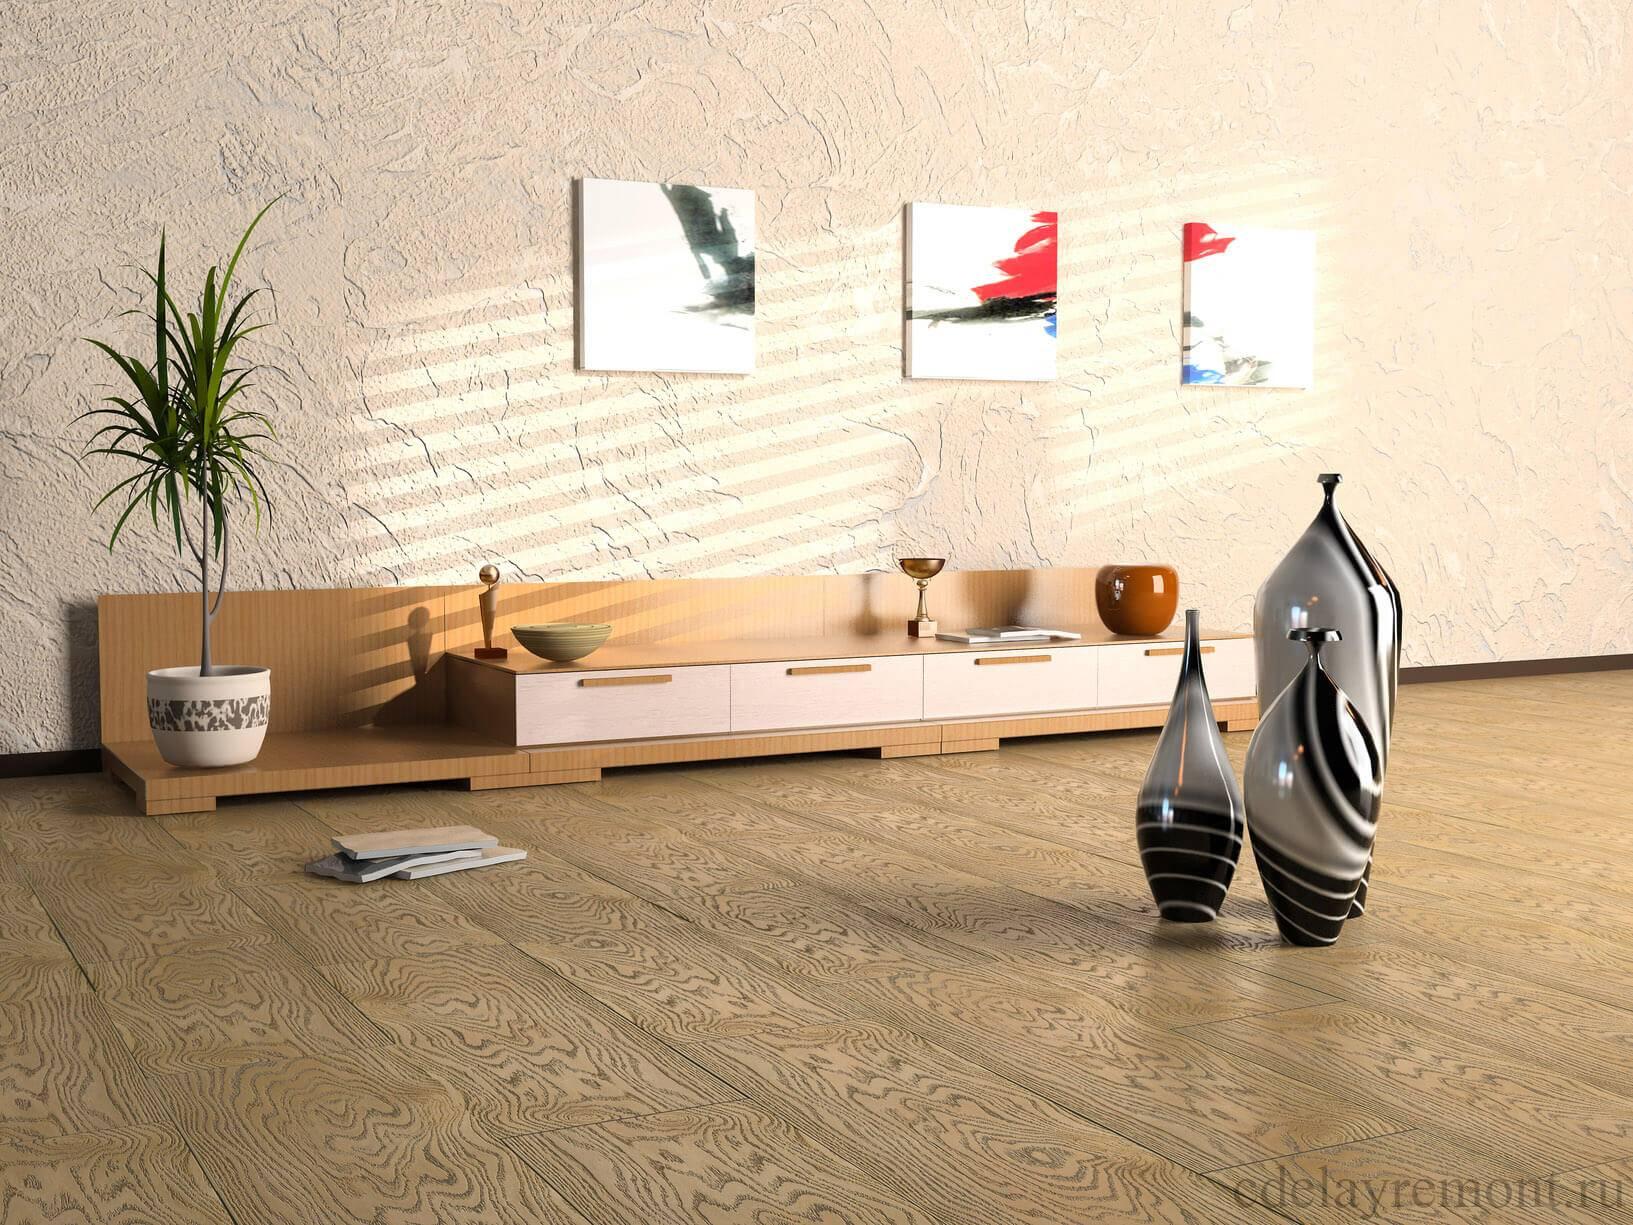 Декоративная штукатурка: фото в интерьере, виды, дизайн, цвет, рисунки, варианты применения